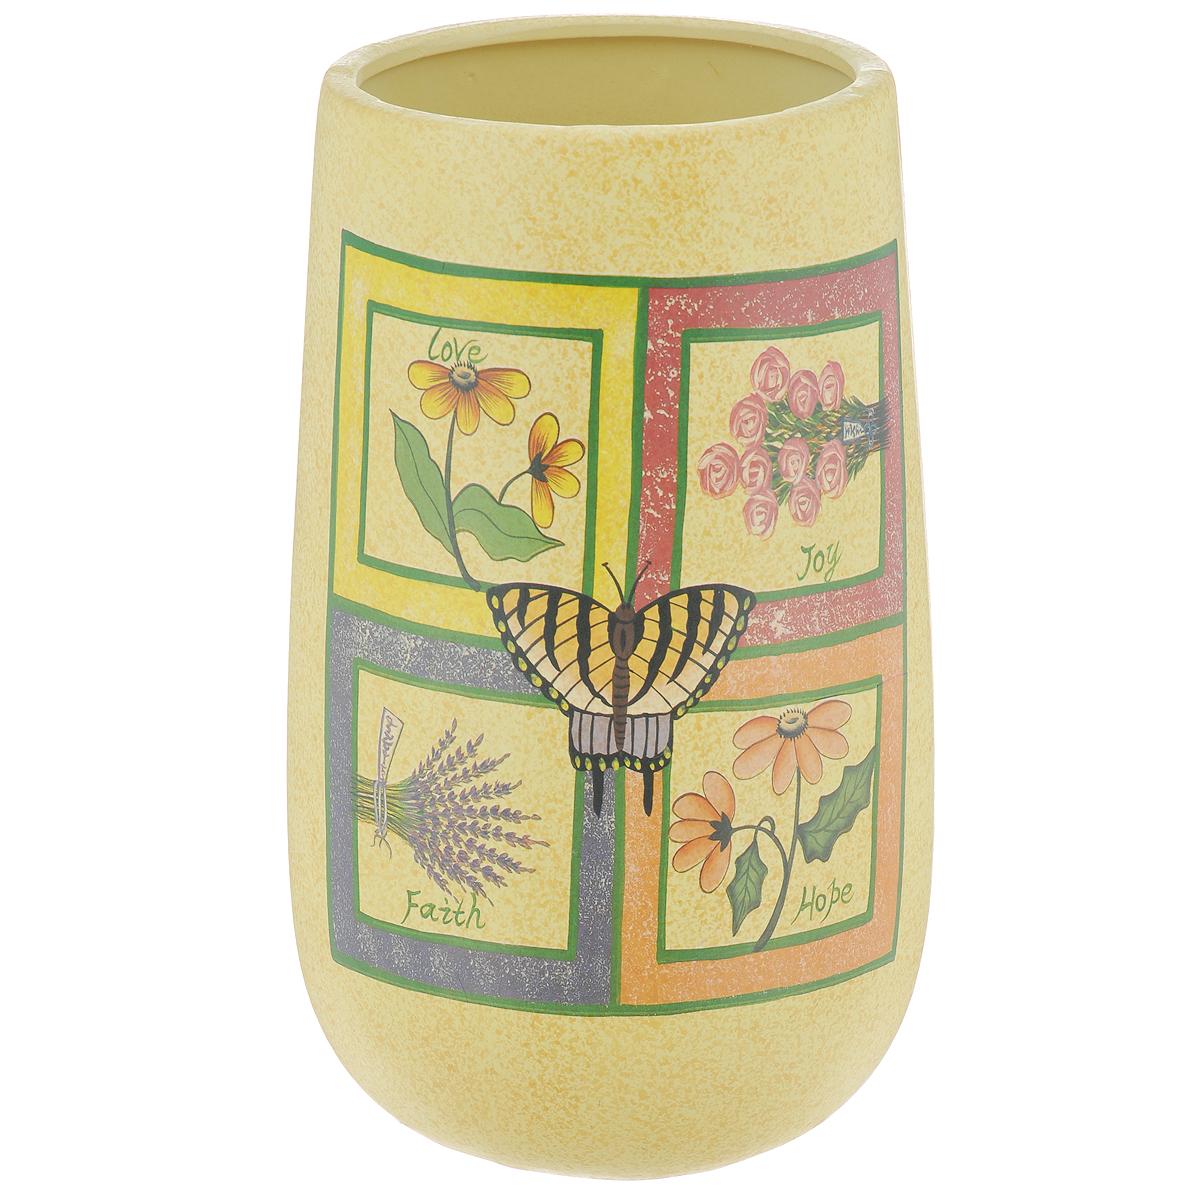 Ваза Lillo Цветы, высота 24,5 смLIL 3184Элегантная ваза Lillo Цветы выполнена из высококачественной керамики и декорирована рисунком. Она придется по вкусу и ценителям классики, и тем, кто предпочитает утонченность и изящность. Вы можете поставить вазу в любом месте, где она будет удачно смотреться и радовать глаз. Такая ваза подойдет и для цветов, и для декора интерьера. Кроме того - это отличный вариант подарка для ваших близких и друзей. Высота вазы: 24,5 см.